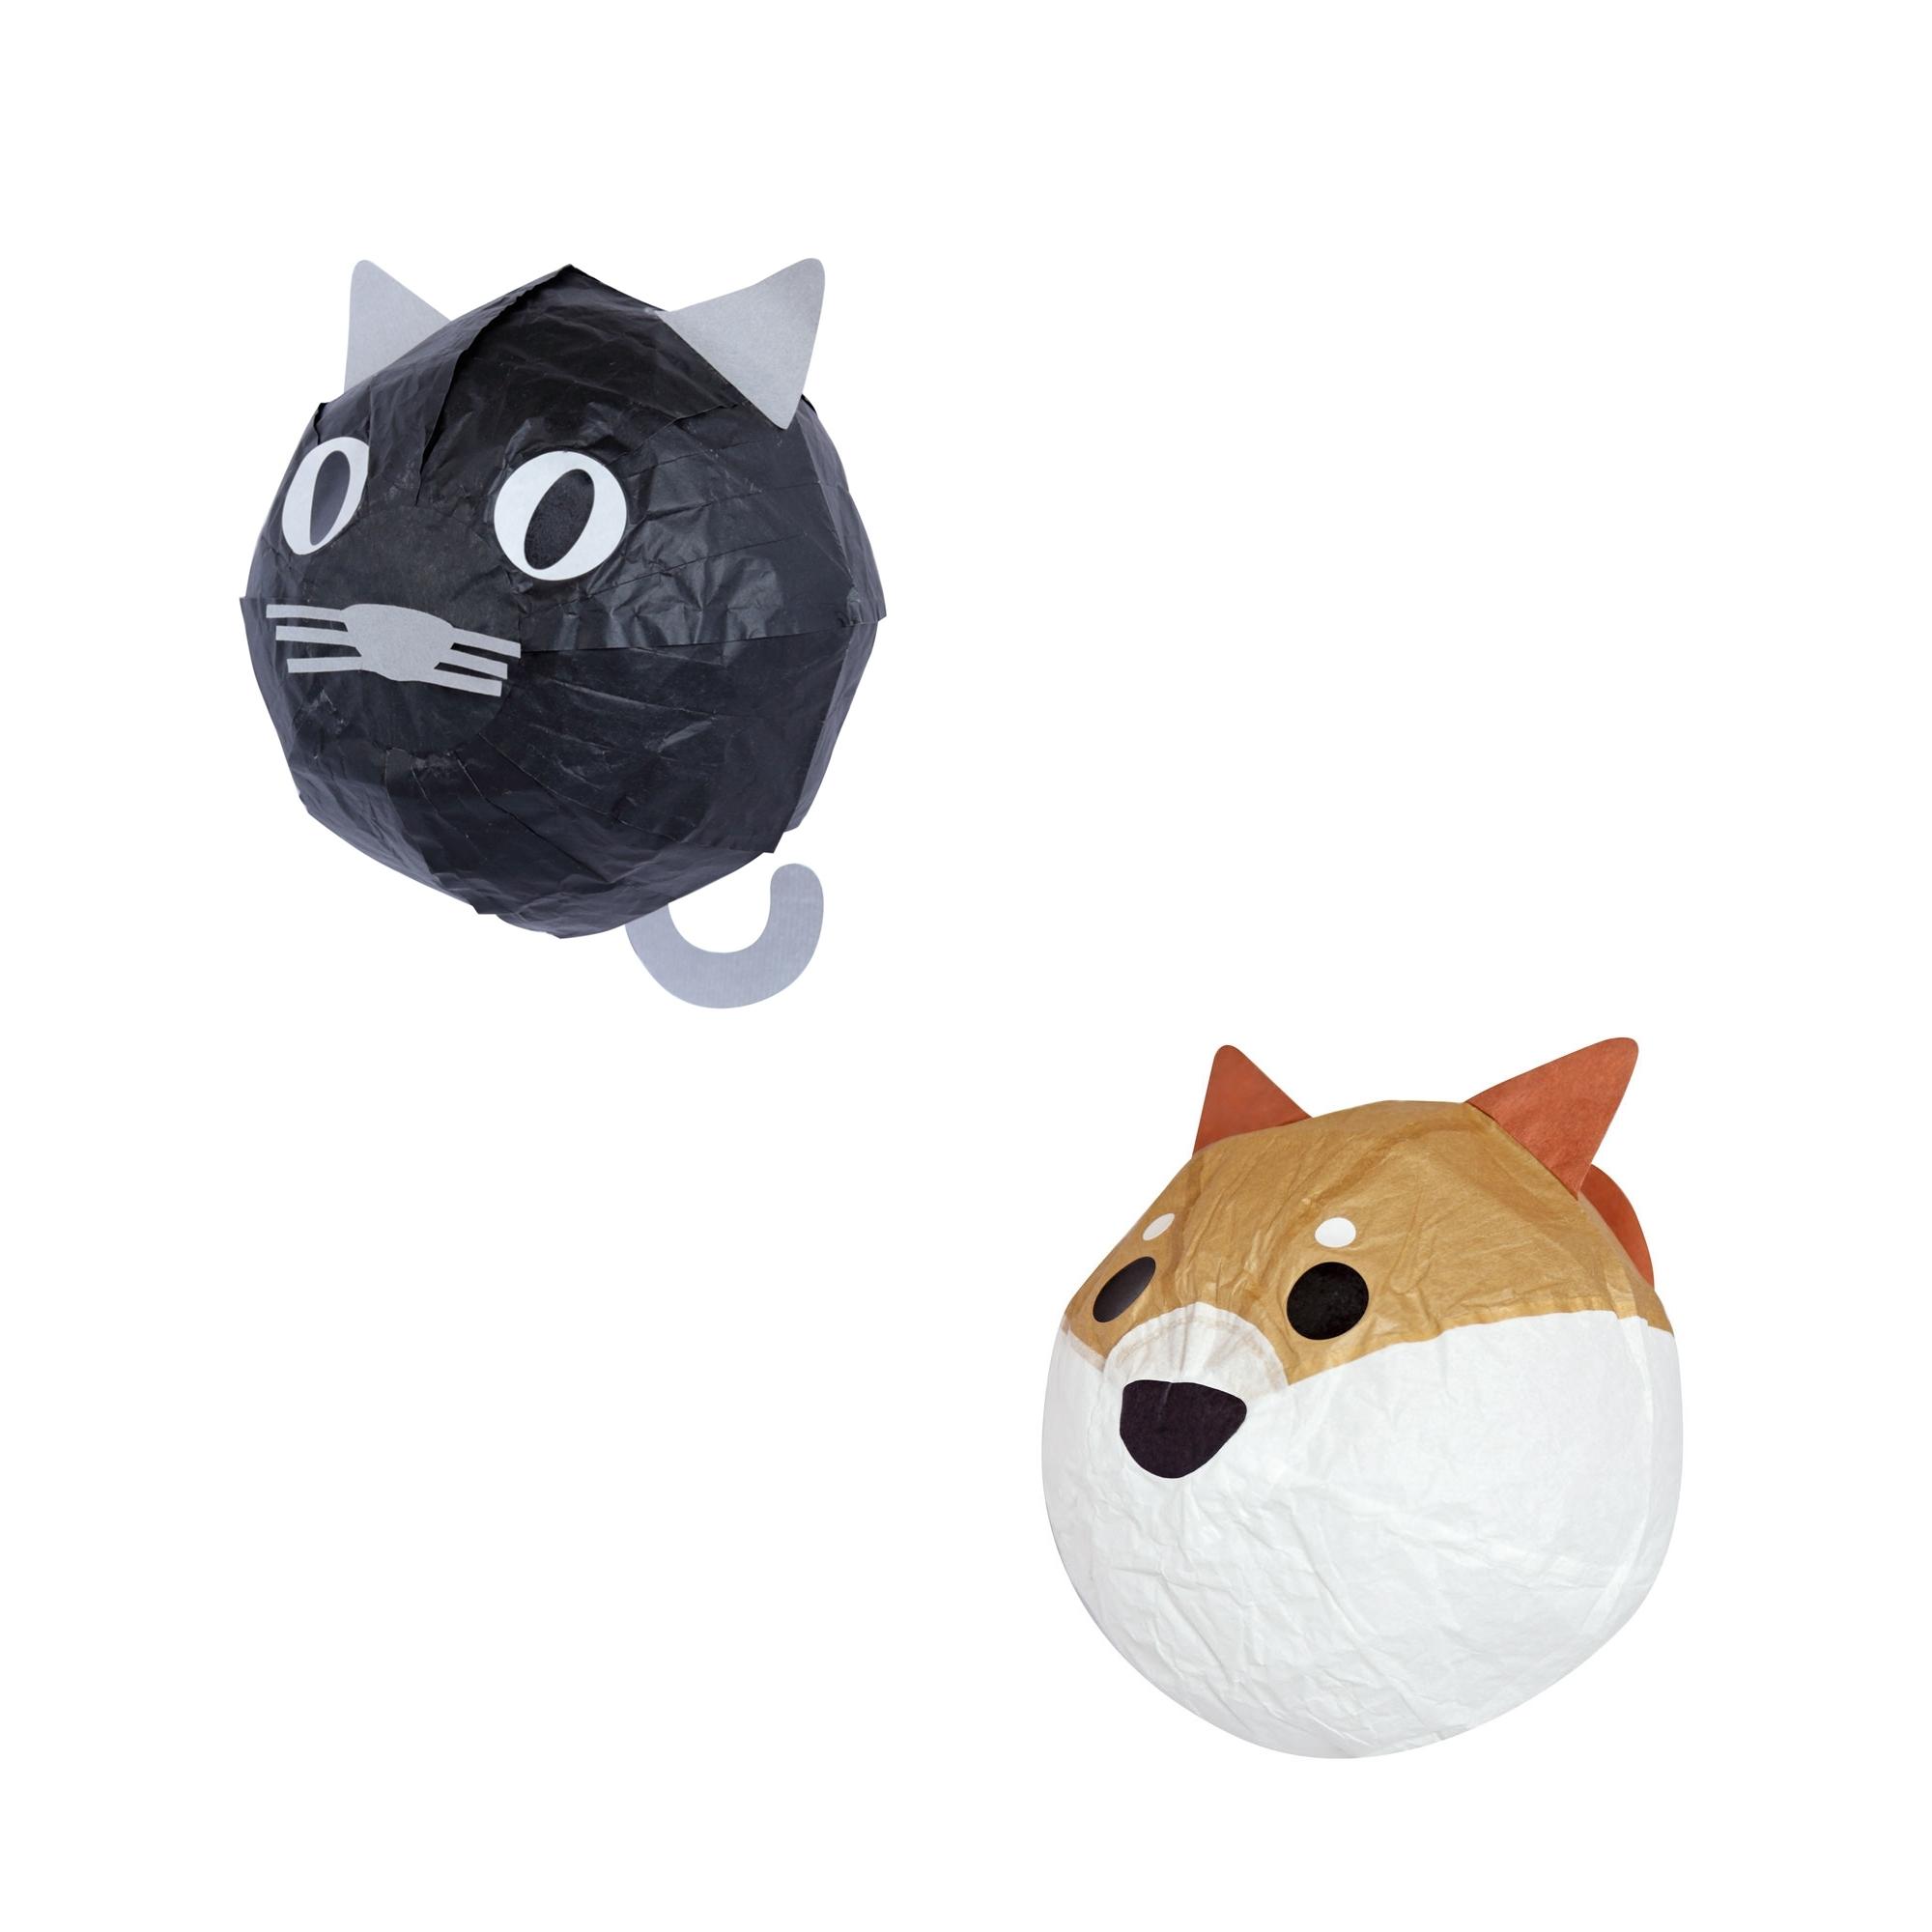 紙風船  販売価格:猫、ぽち 各430円 紙を貼り合わせた素朴な日本の玩具。ひもを通し、ゆらゆら吊るして飾るのがおすすめ。贈り物にも。